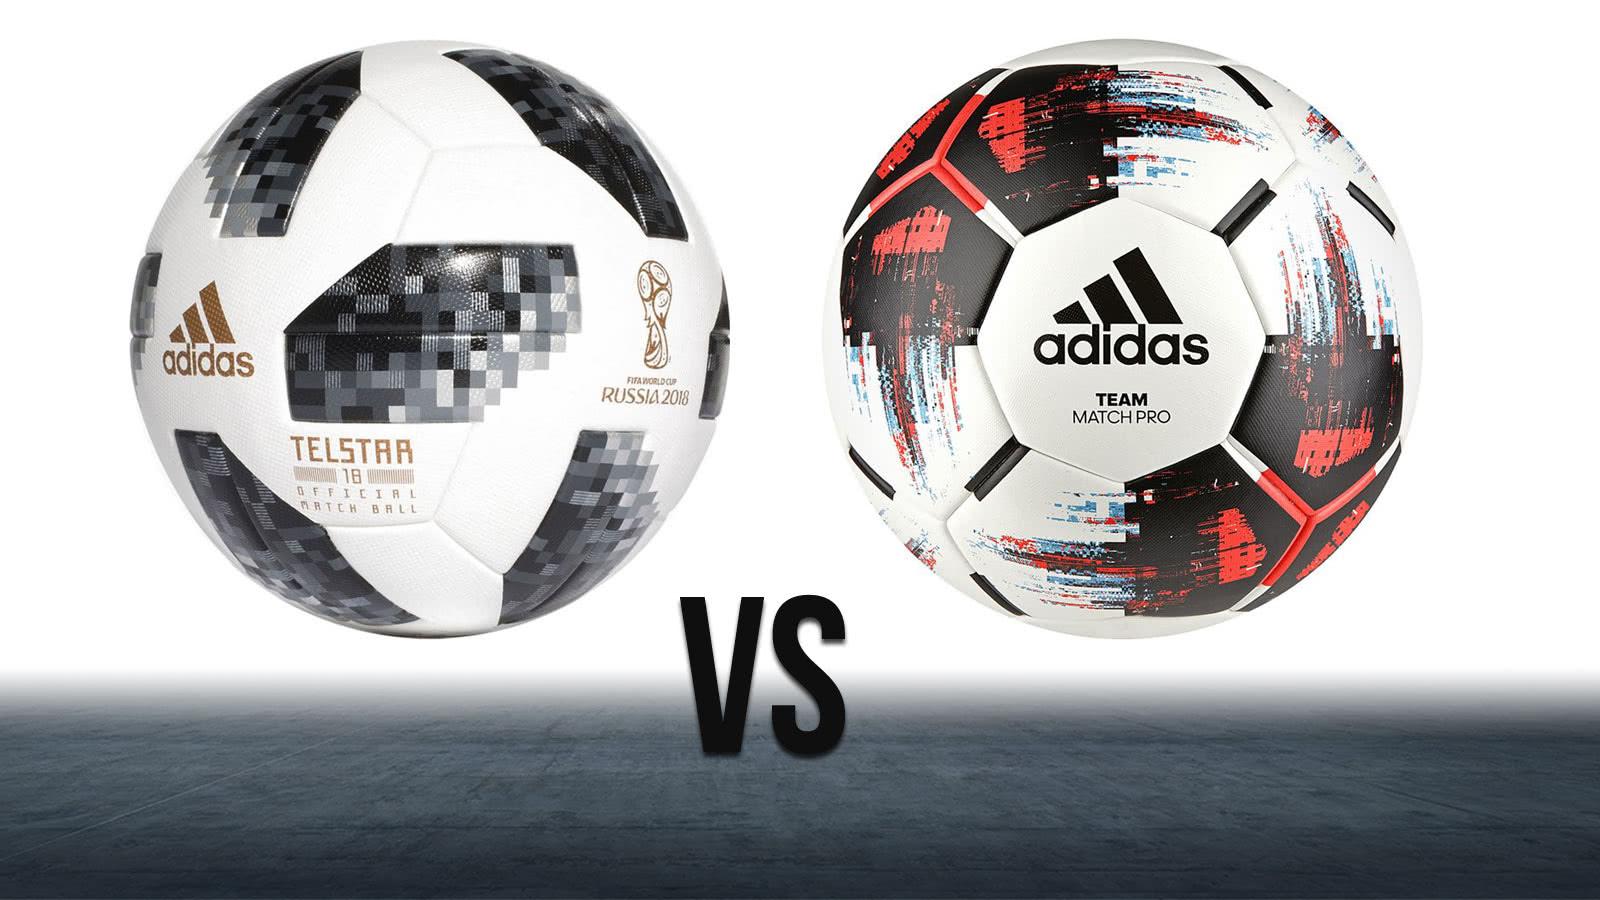 Der adidas Team Match Pro im Vergleich zum adidas Telstar und Finale